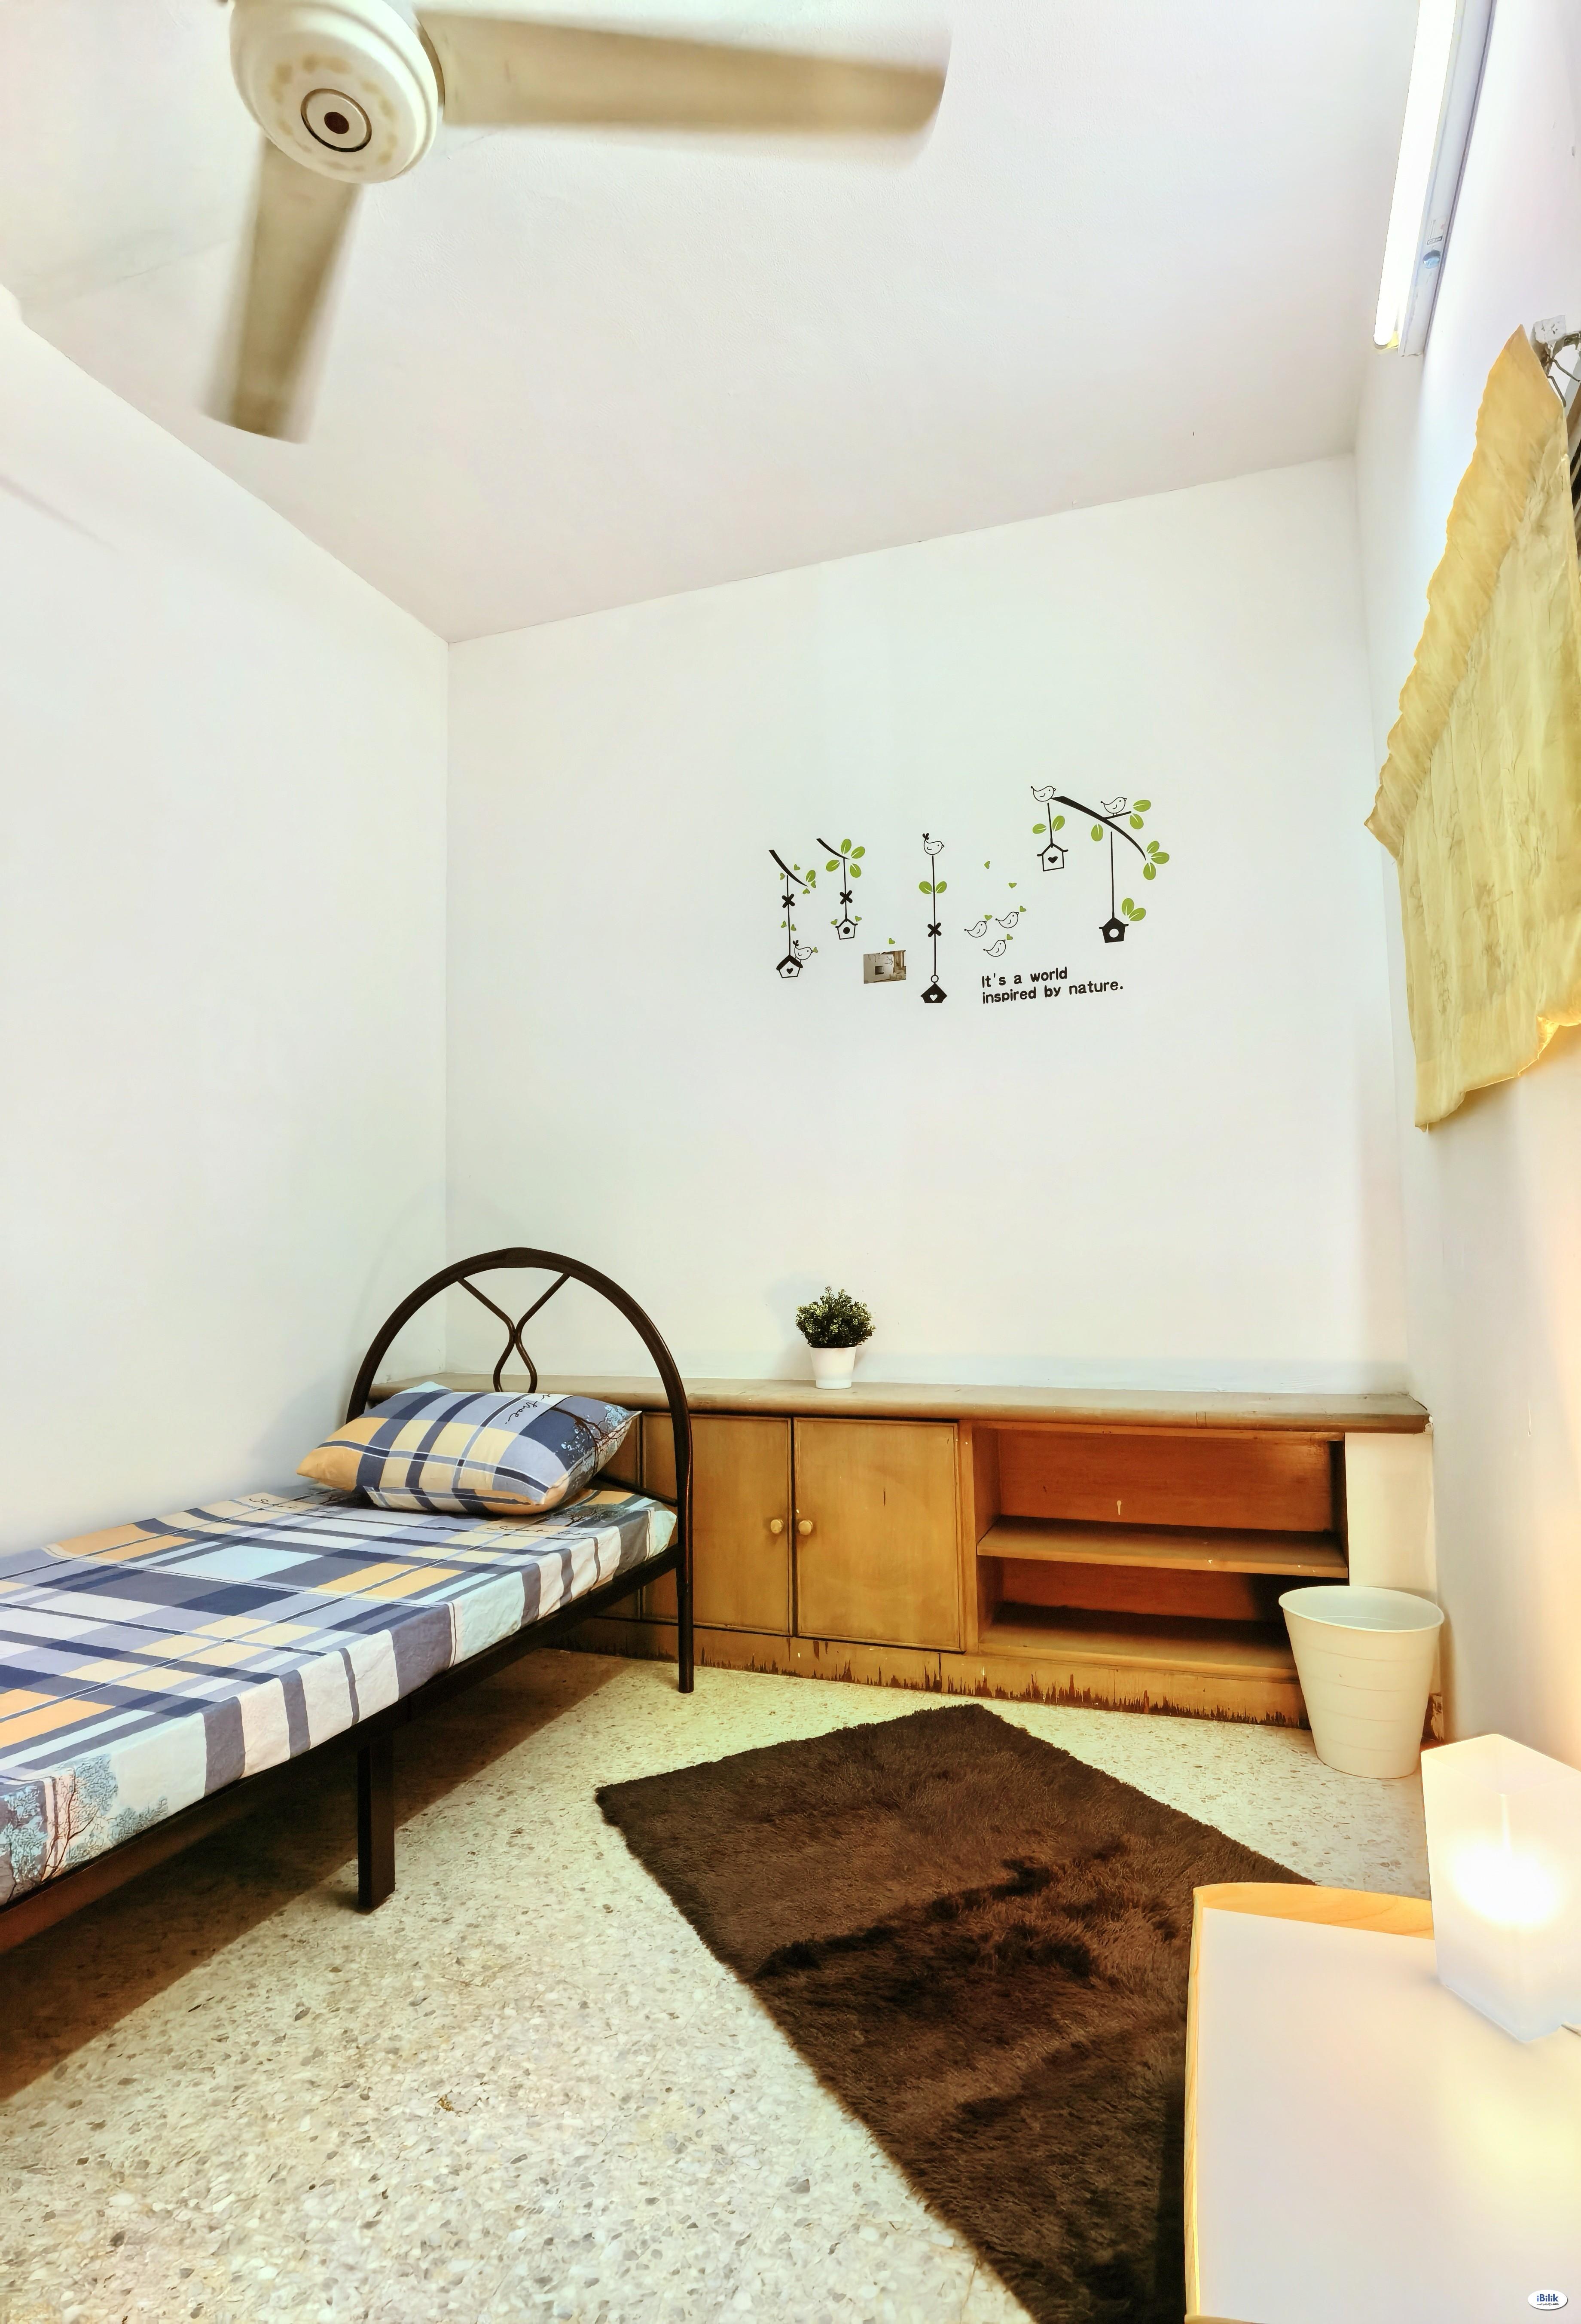 💥 Free One Month Rental 💥 Single Room at Damansara Kim, Damansara Utama